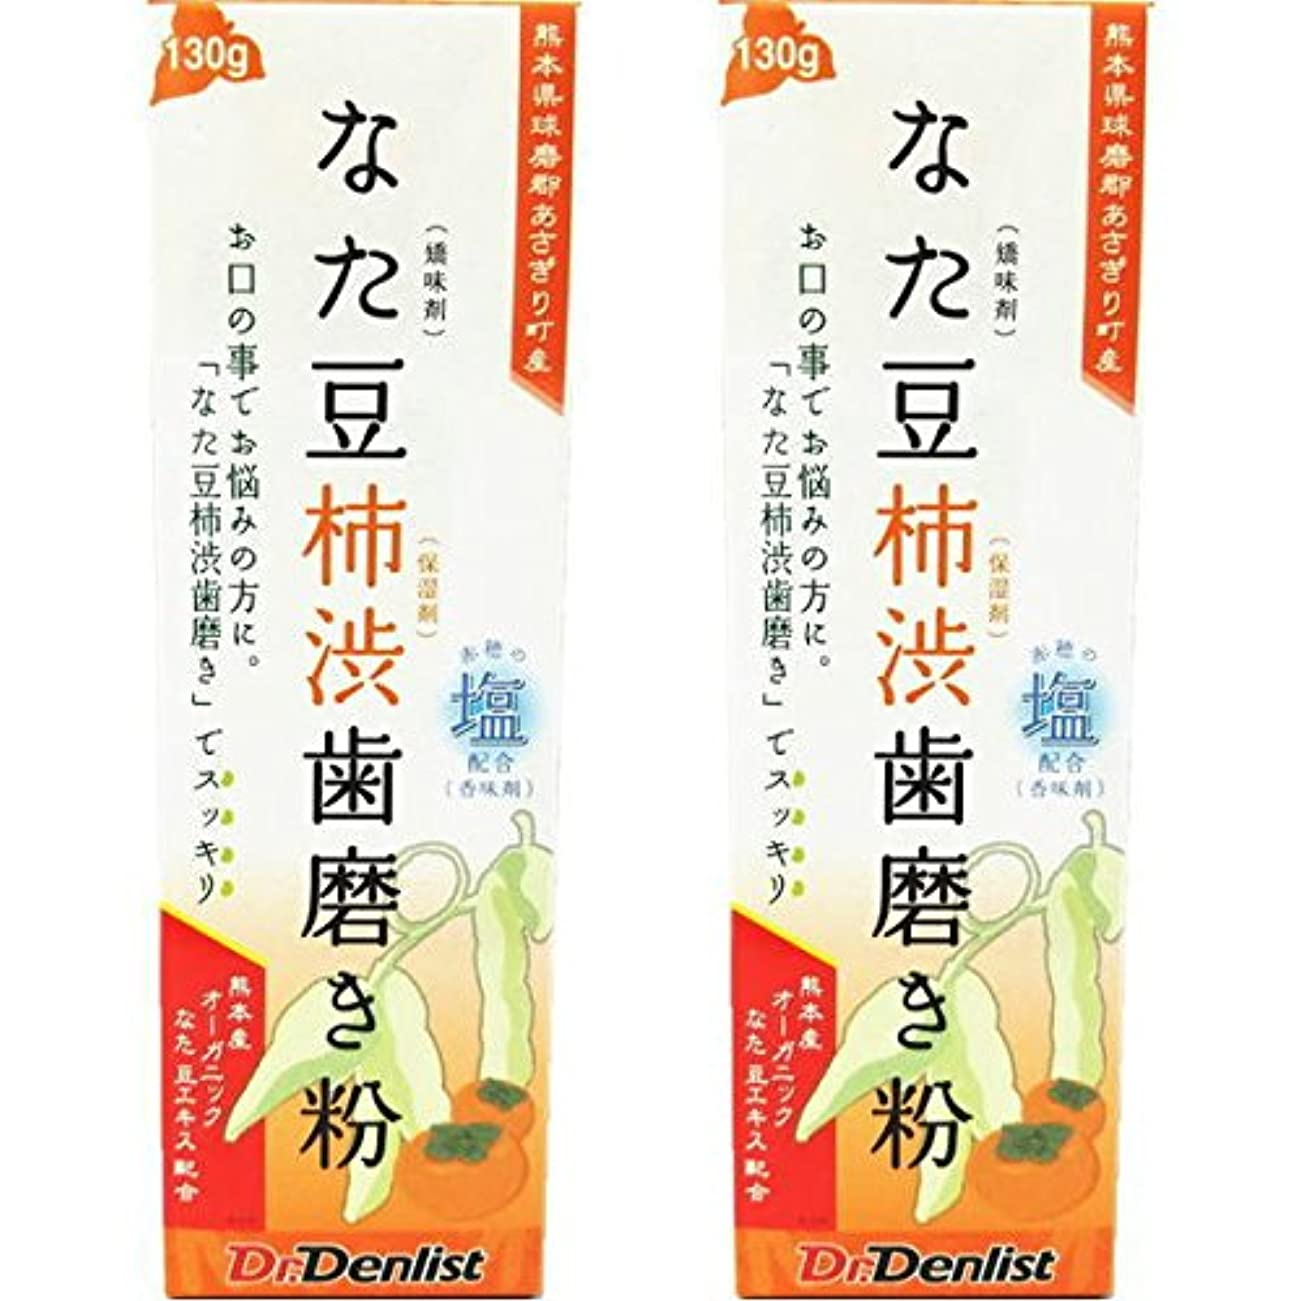 書誌財団女性なた豆柿渋歯磨き 130g 2個セット 国産 有機なた豆使用 赤穂の塩配合(香味剤)